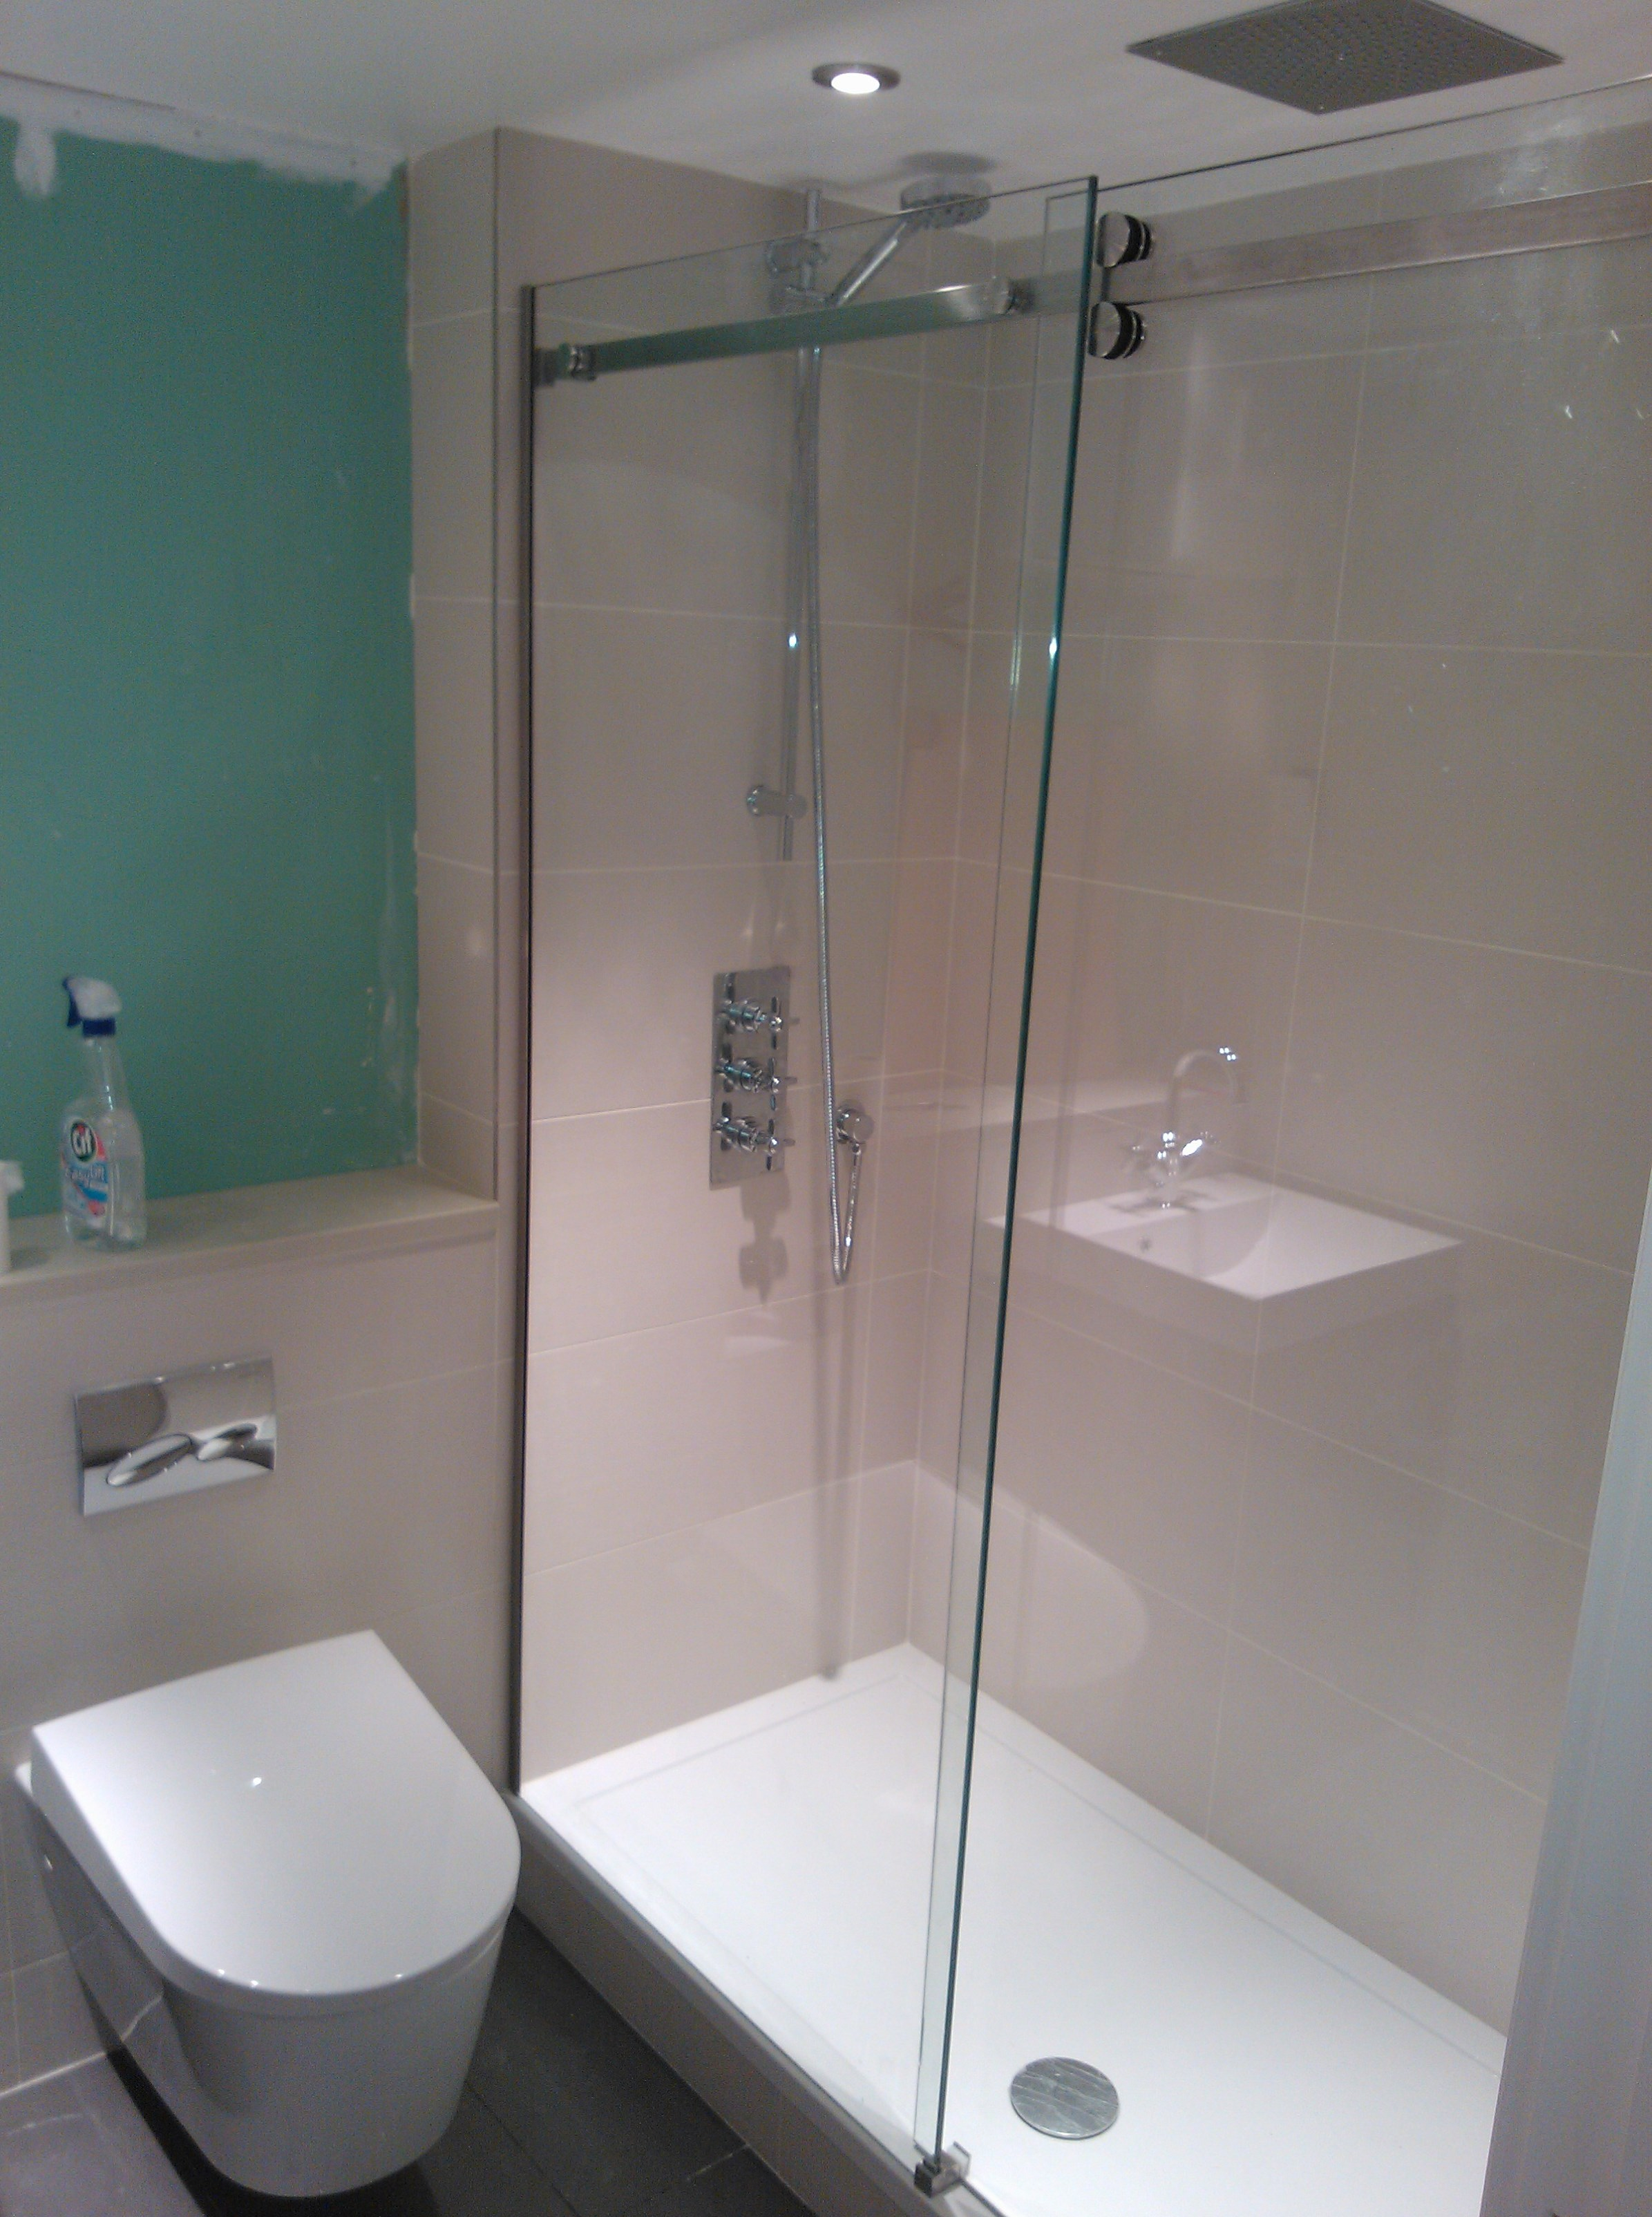 islington_bath(7)